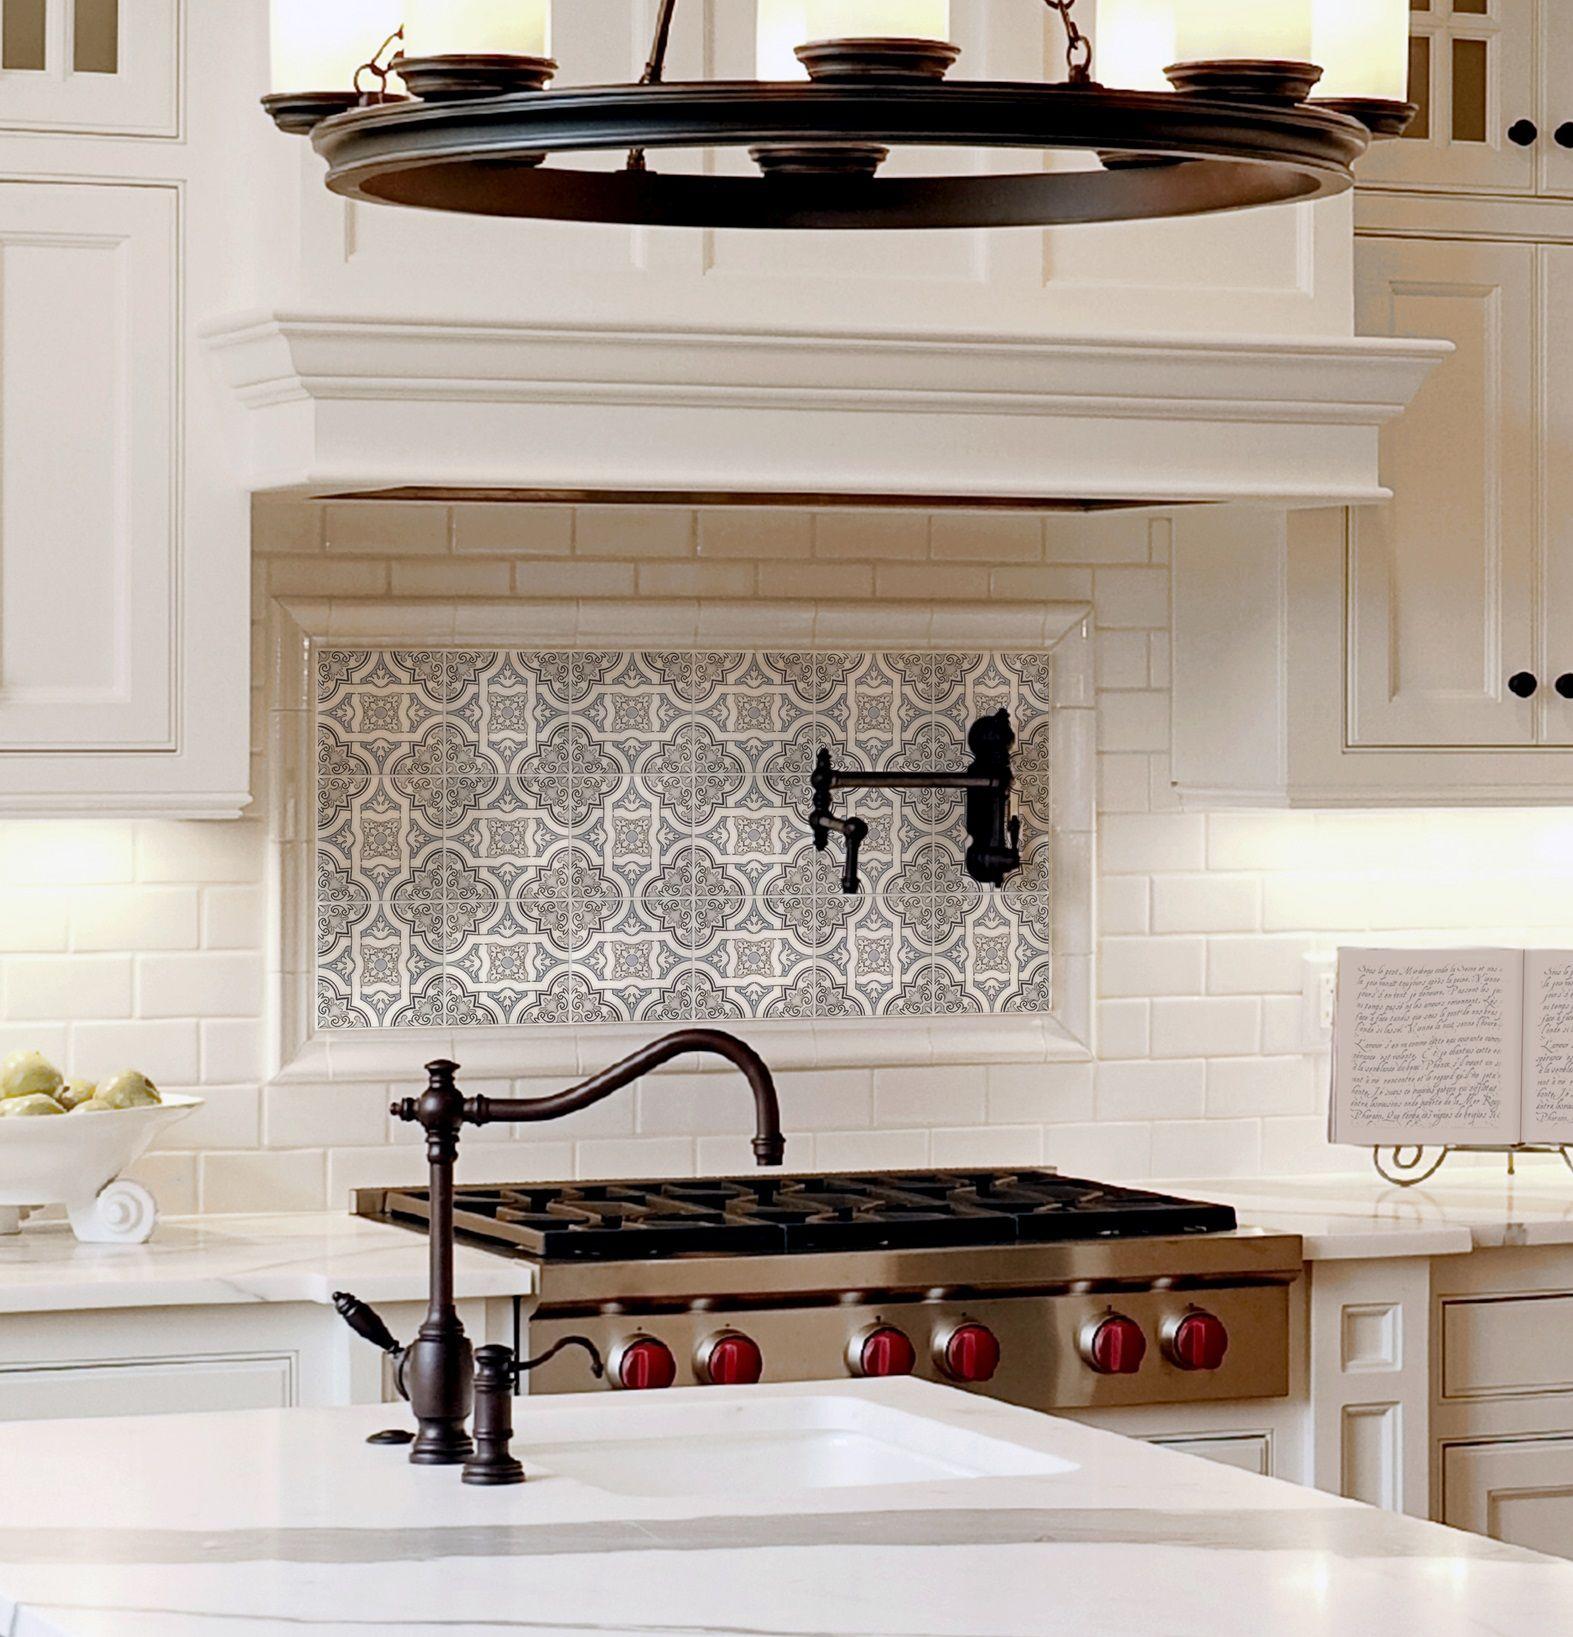 Unique Tile Stone Patterns In Stock Tile Pattern Lena Stone Tile Beauteous Kitchen Backsplash Tile Designs Pictures Design Ideas